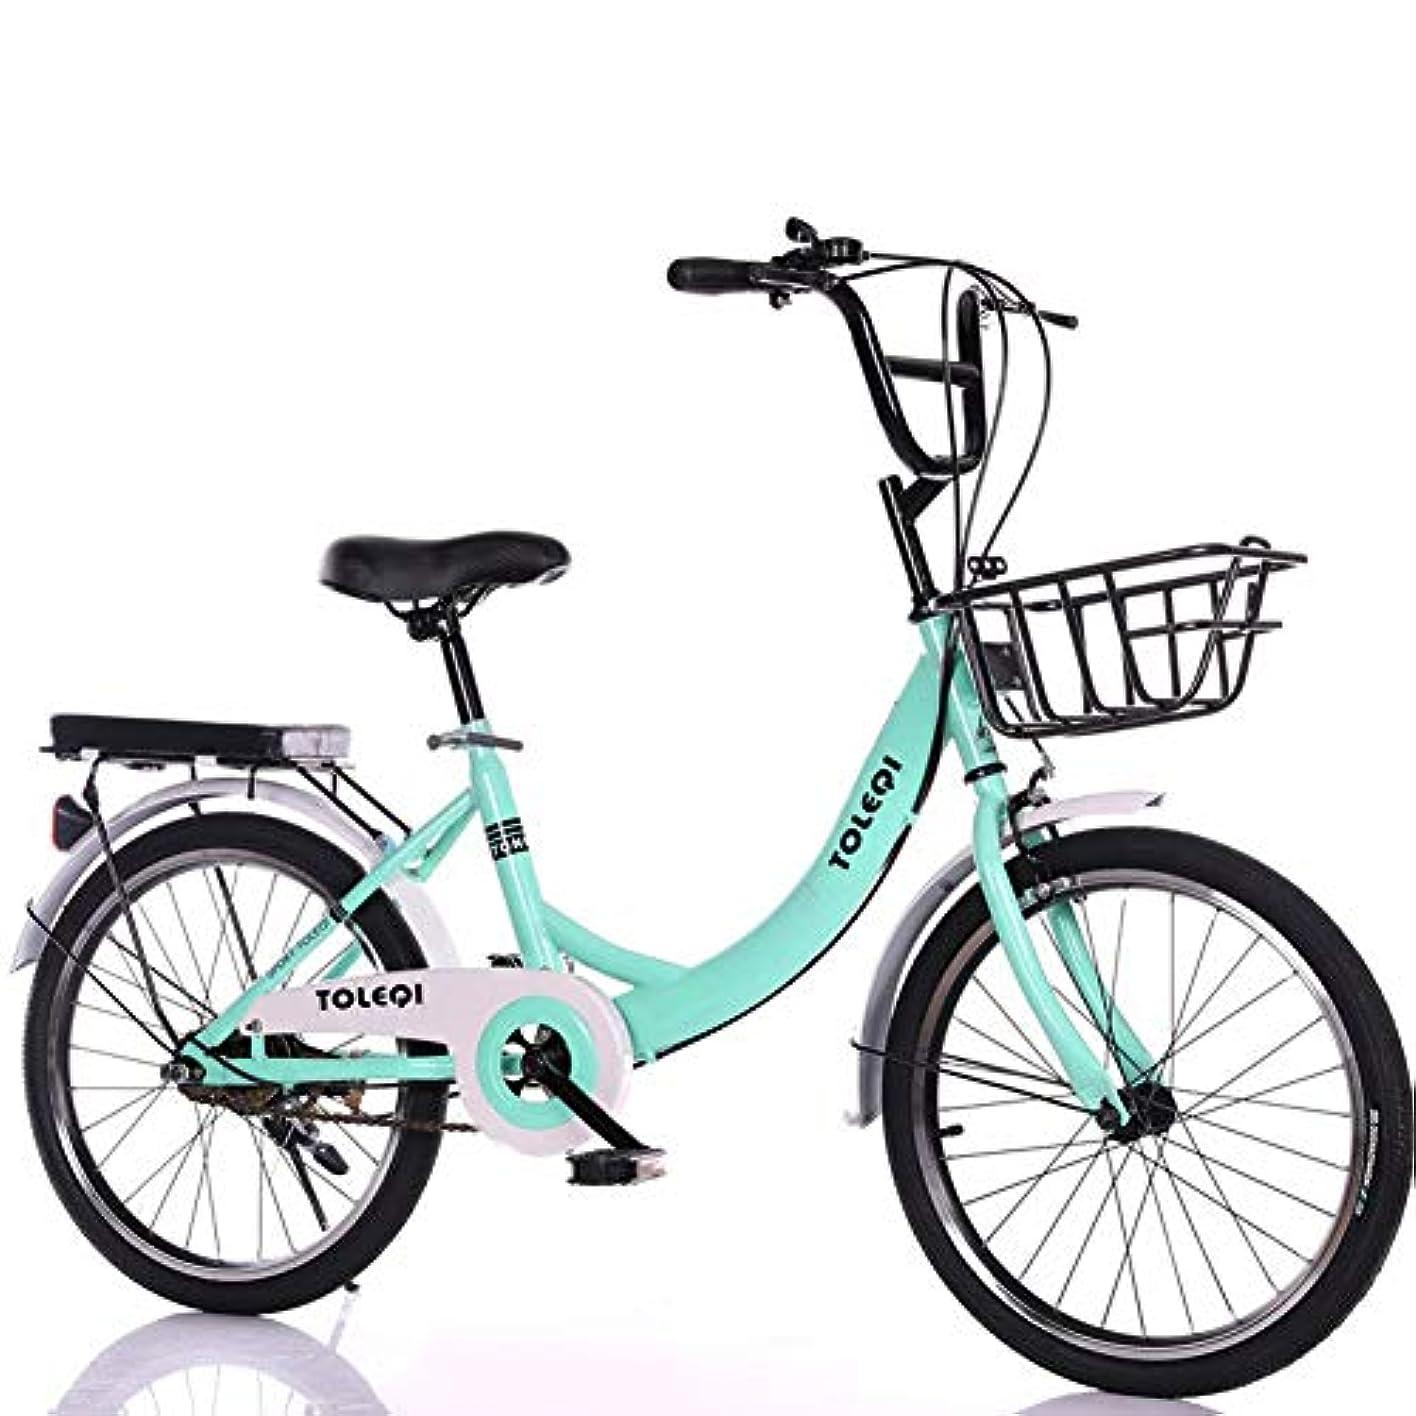 共感する戻す甘美な大人のマウンテンバイクスポークホイール炭素鋼マウンテンバイク折りたたみ自転車いつでも折りたたむスペースを節約する耐荷重90kg